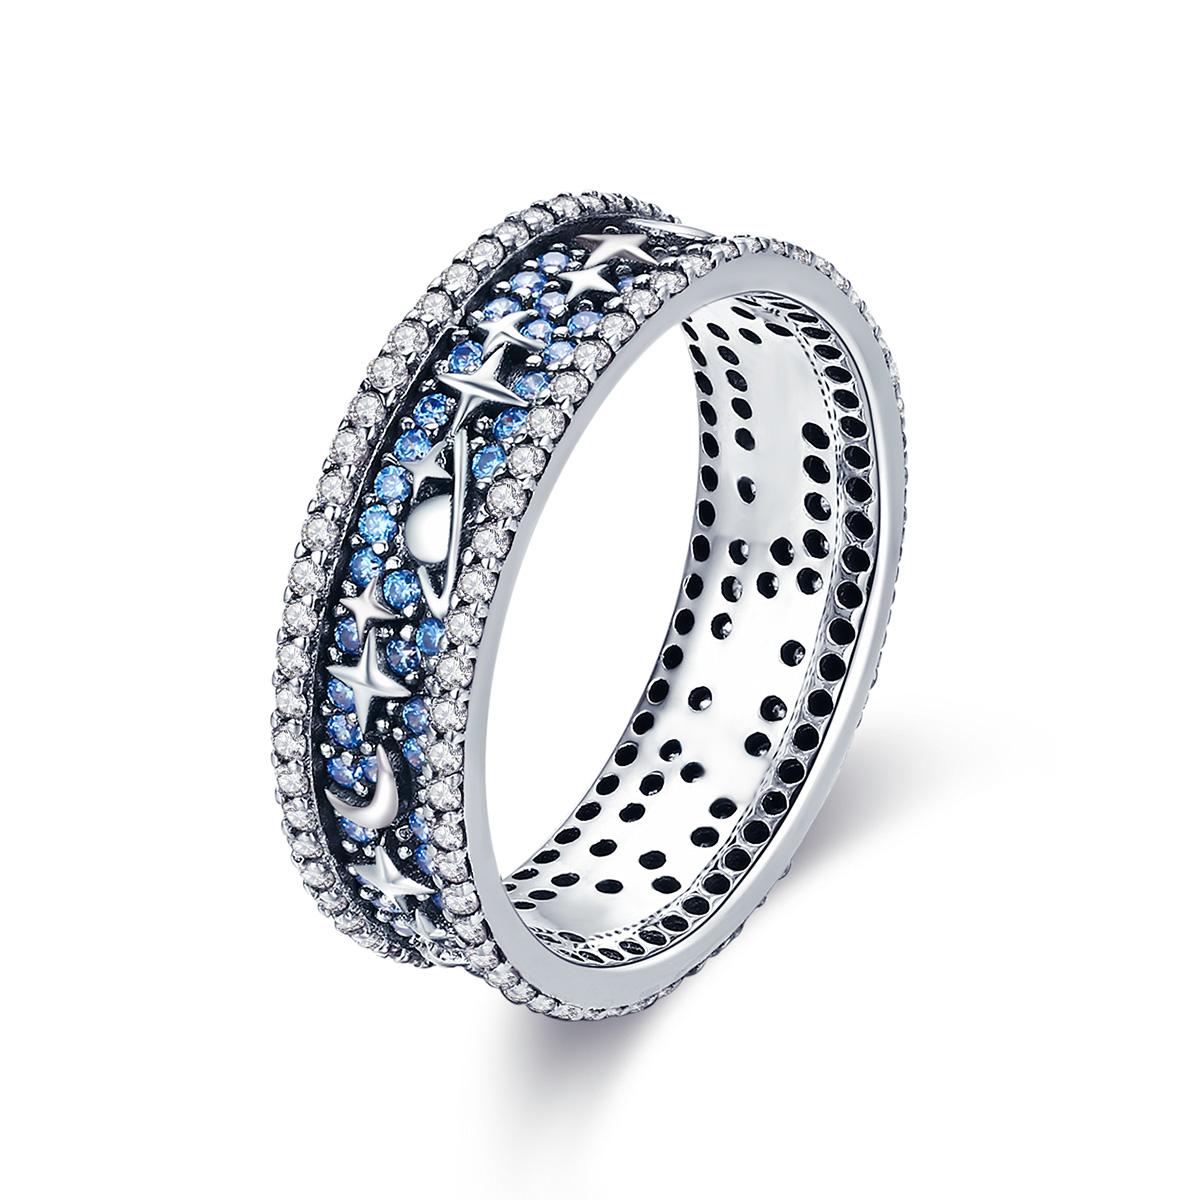 Levně Stříbrný prsten HVĚZDNÁ OBLOHA 3391 Velikost prstenů: 7 (EU: 54 - 56) Ag 925; ≤3,4 g.